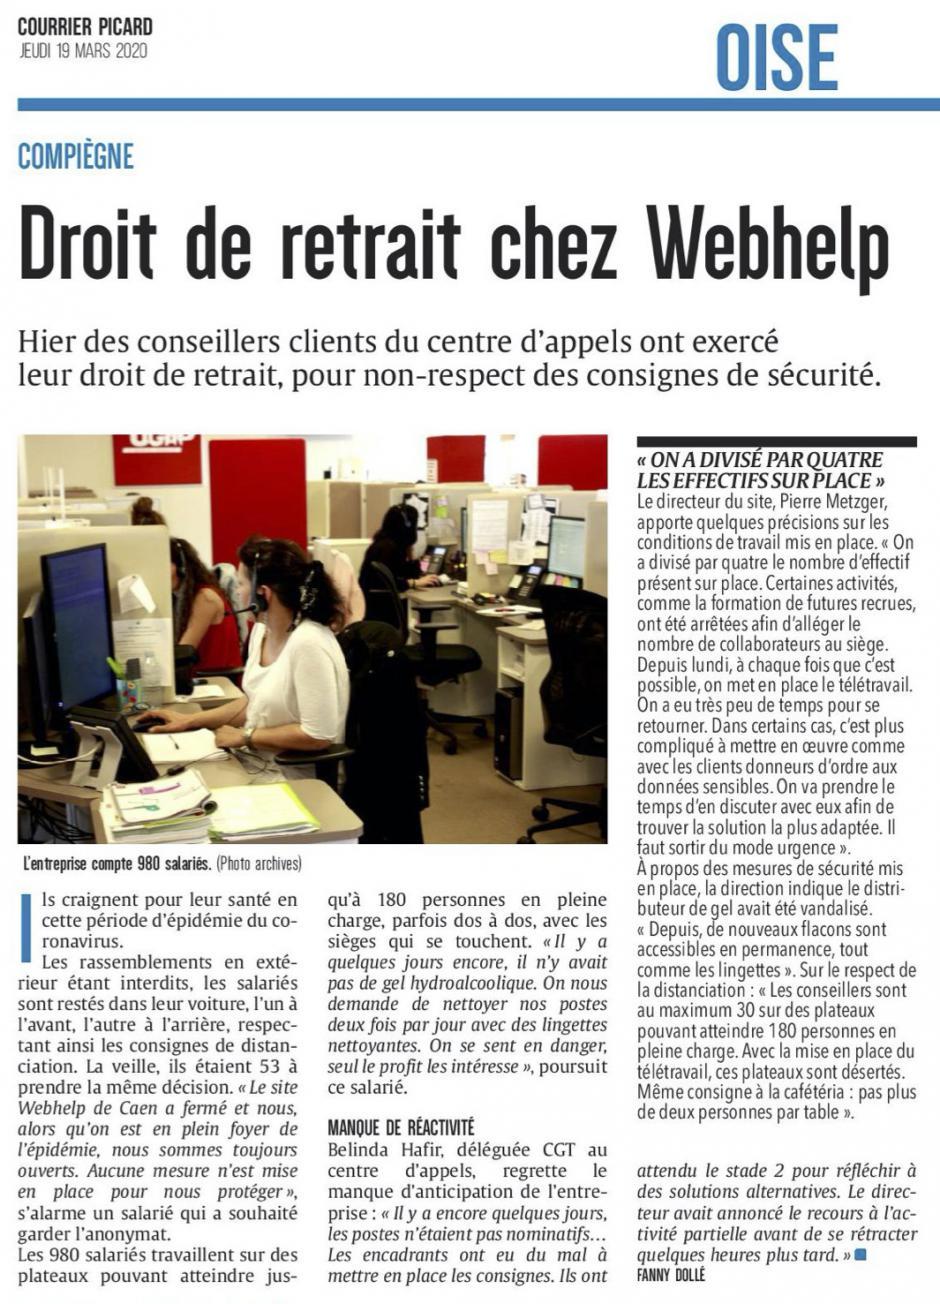 20200319-CP-Compiègne-Droit de retrait chez Webhelp